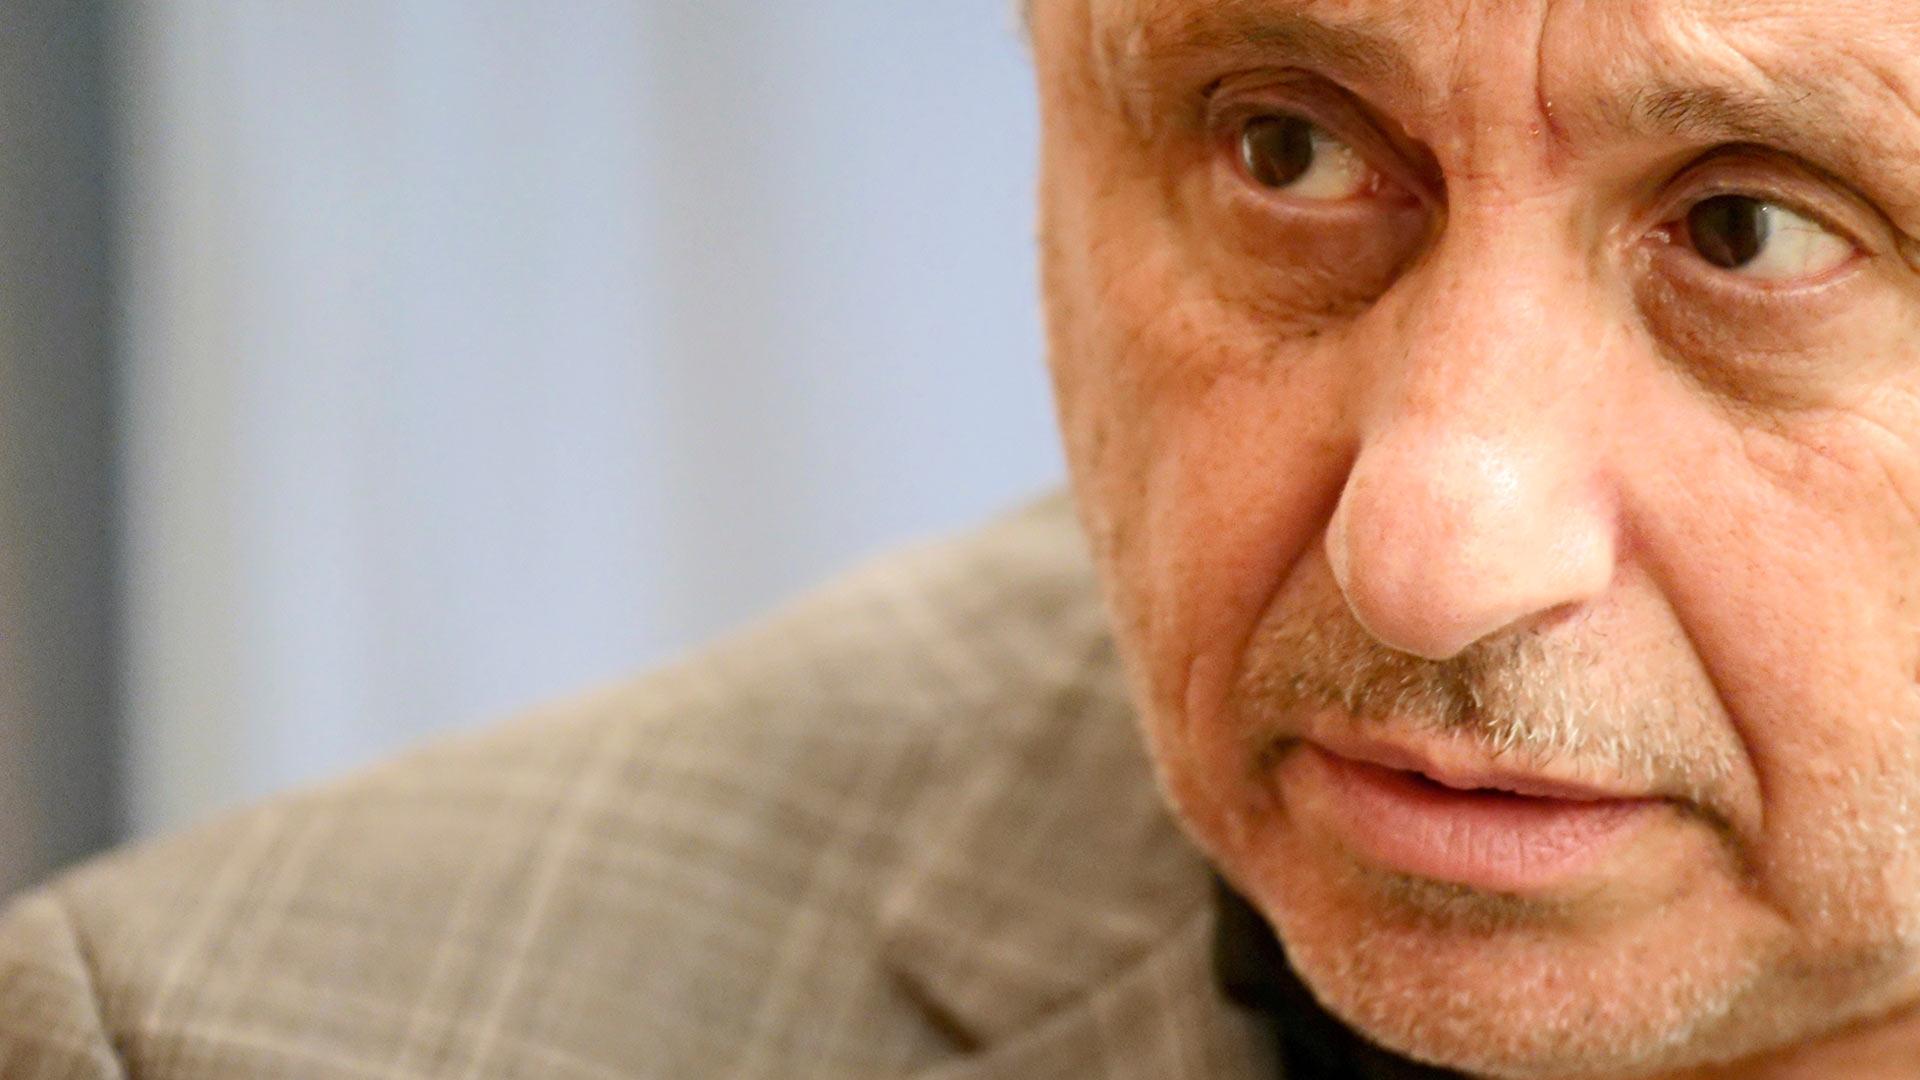 Frank Parlato työskenteli aiemmin NXIVM-kultin tiedottajana ja ryhtyi tutkivaksi journalistiksi.